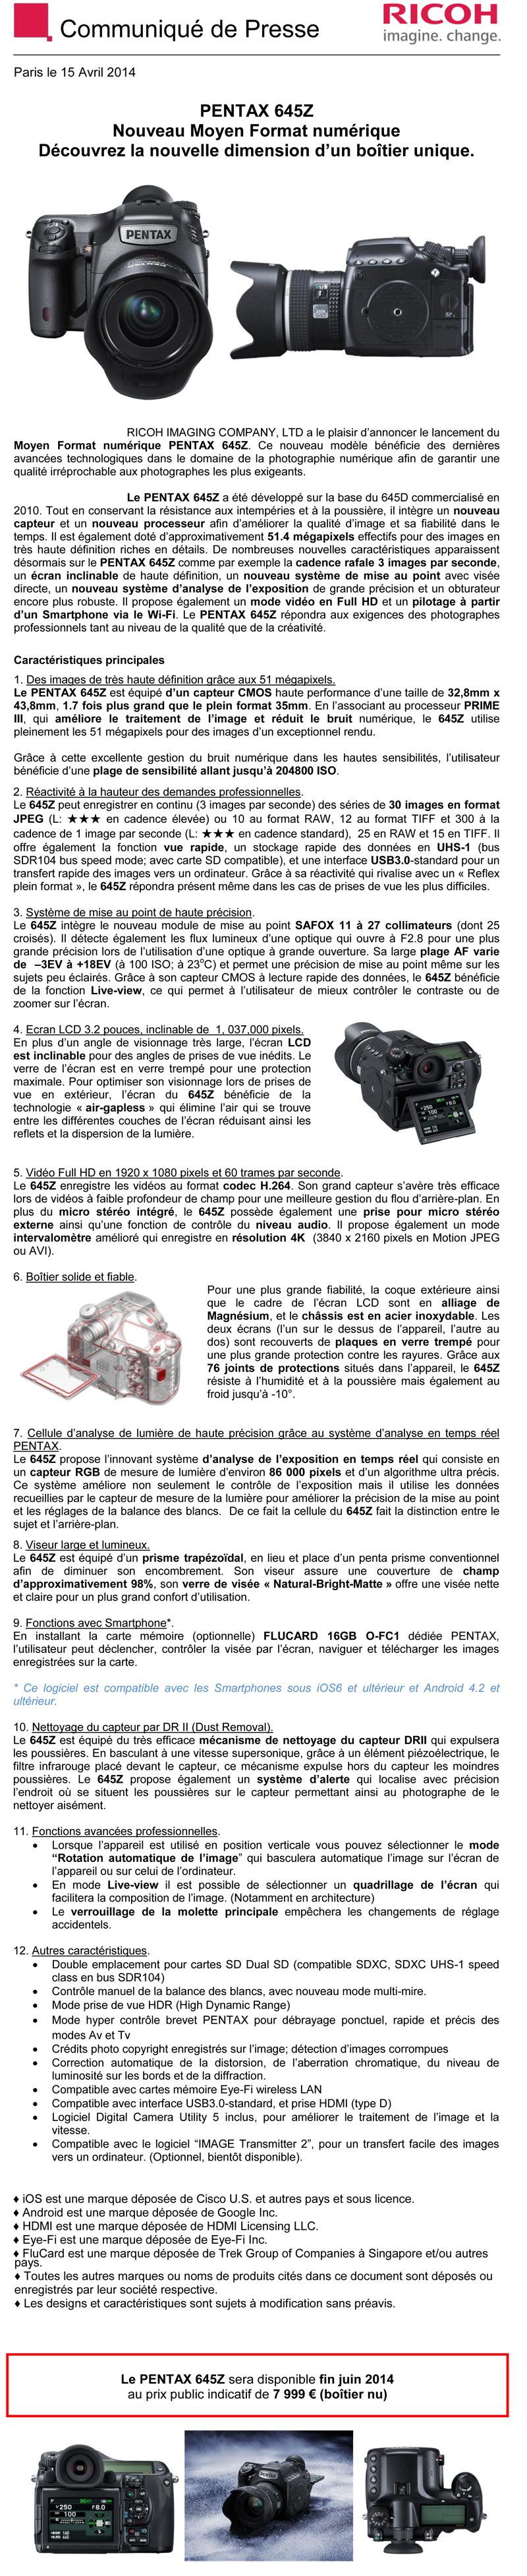 PENTAX RICOH IMAGING - Communiqué de Presse 15/04/2014 - MOYEN FORMAT 645Z Yub2